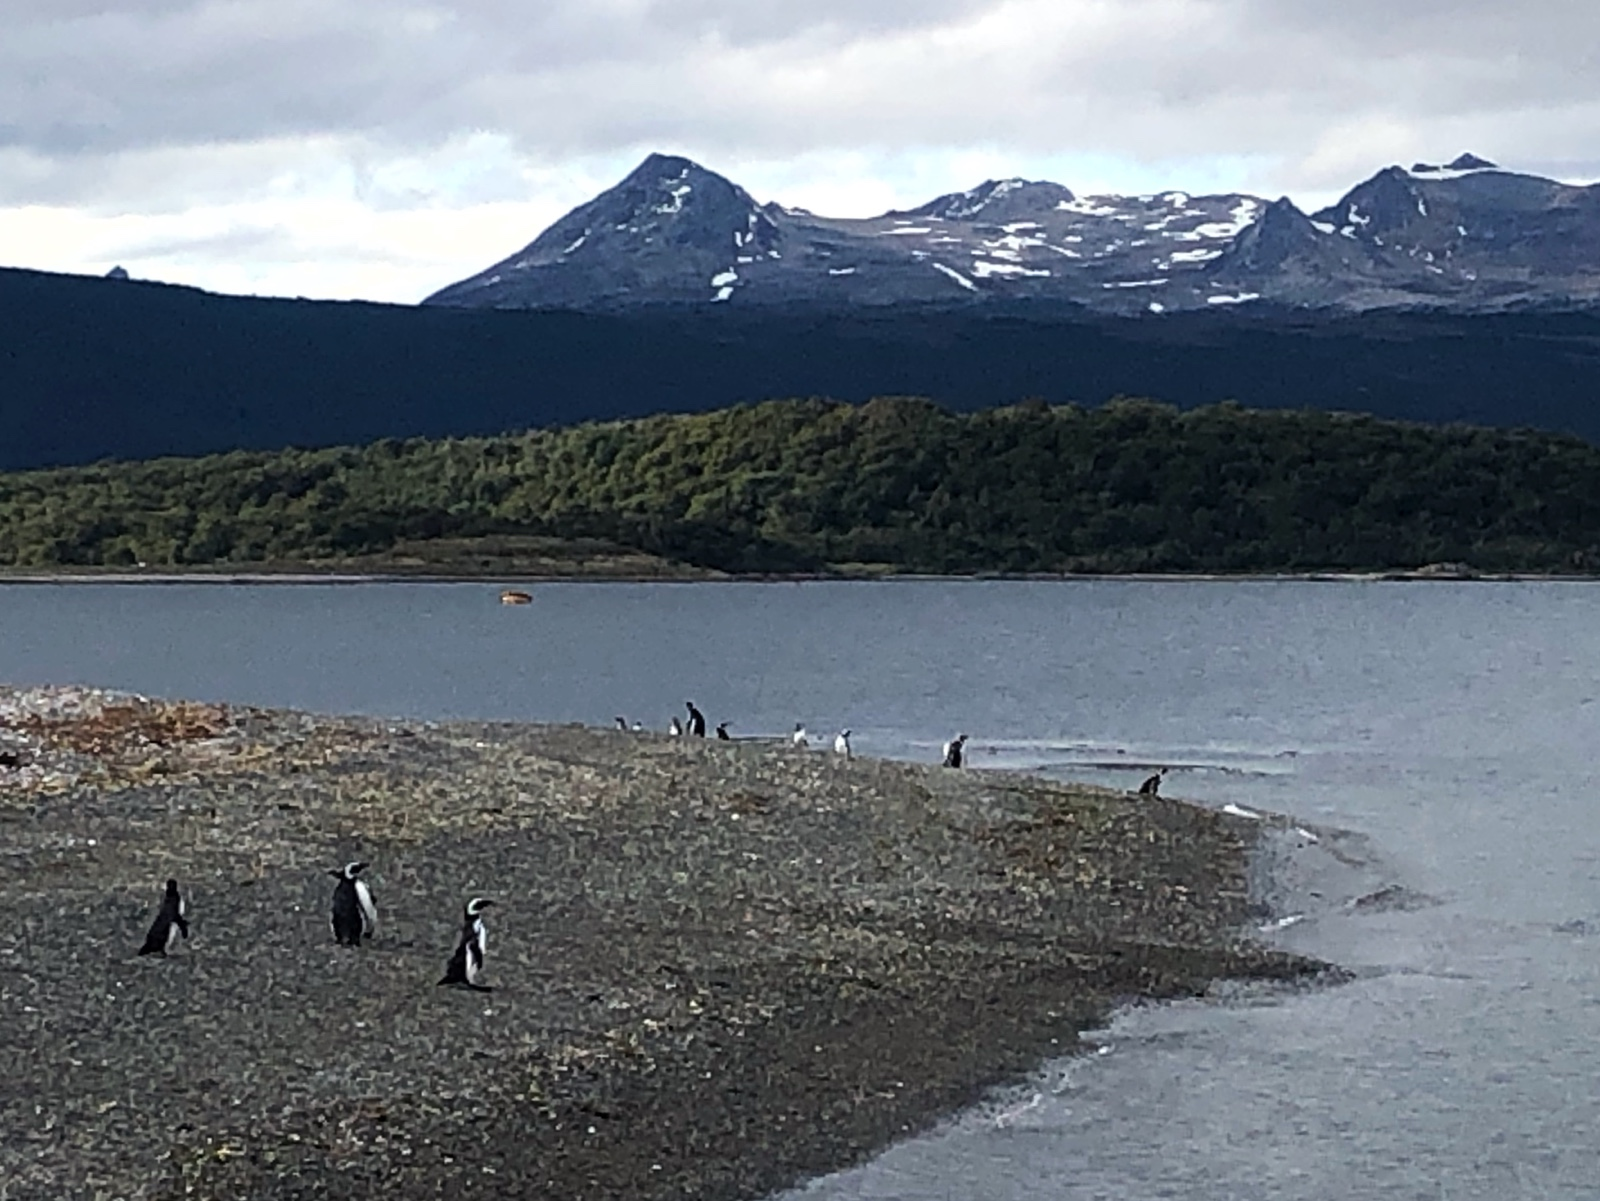 Da sind die ersten Pinguine zu sehen